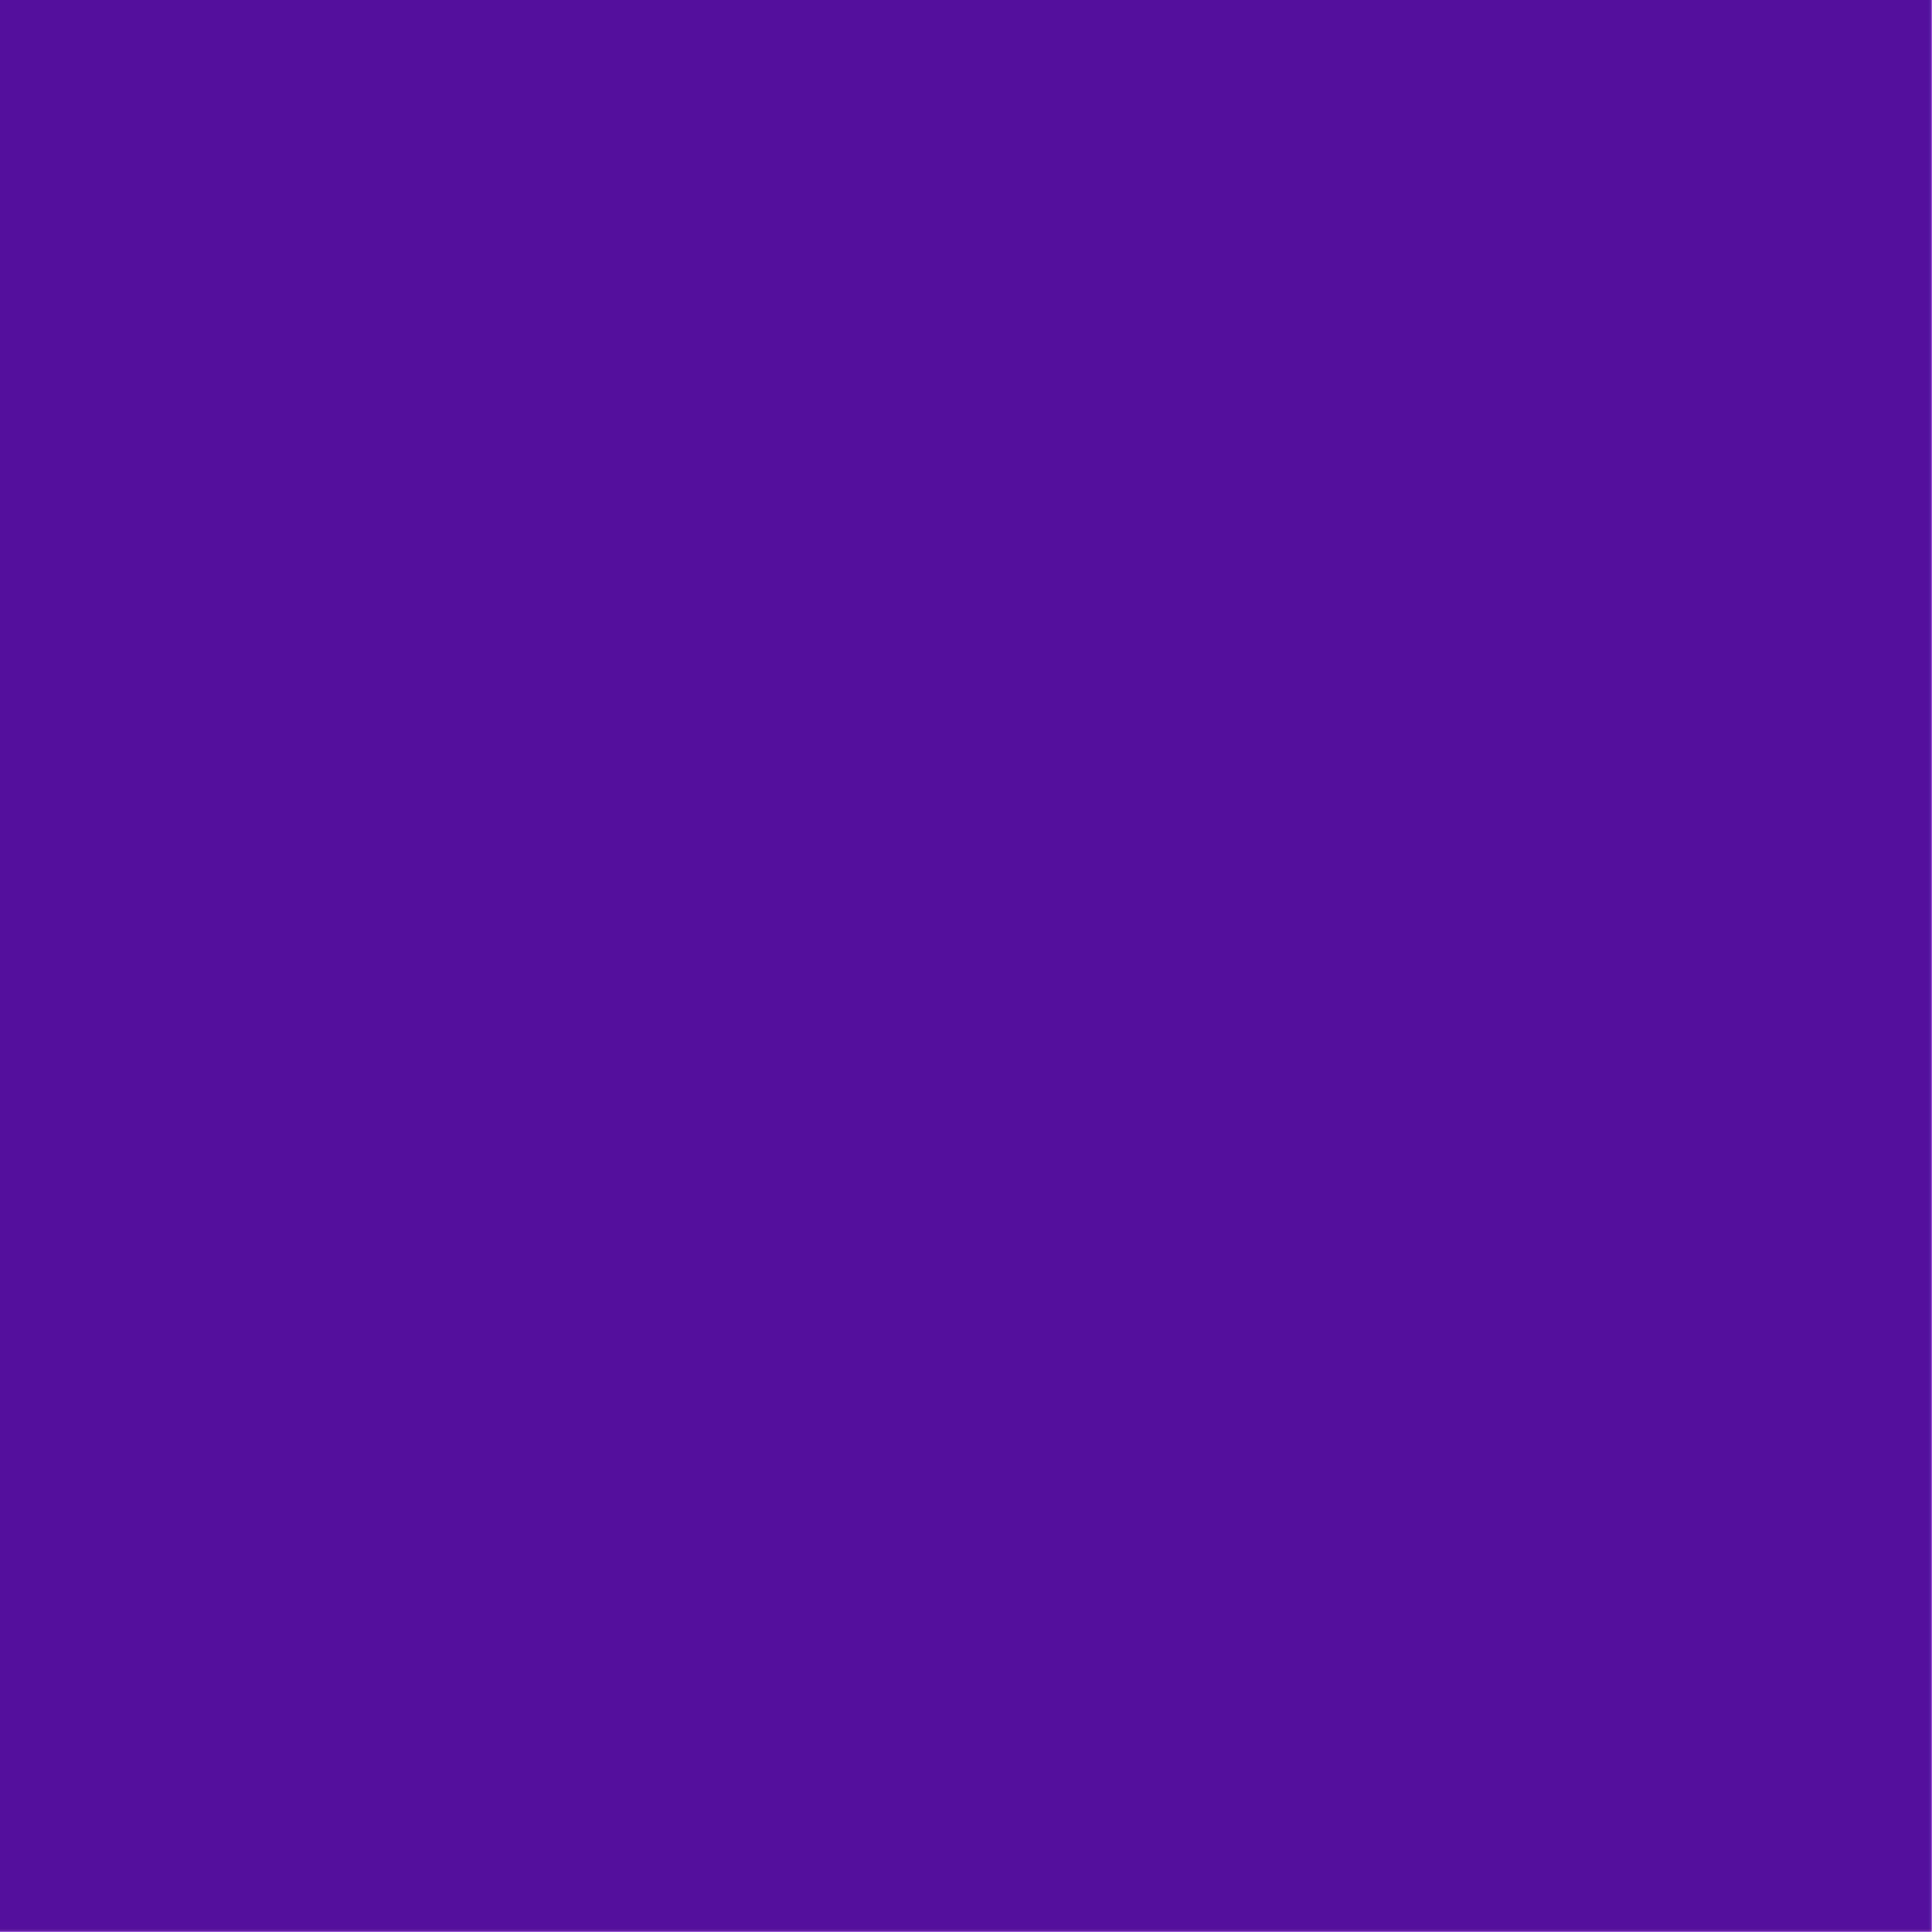 20. Violet